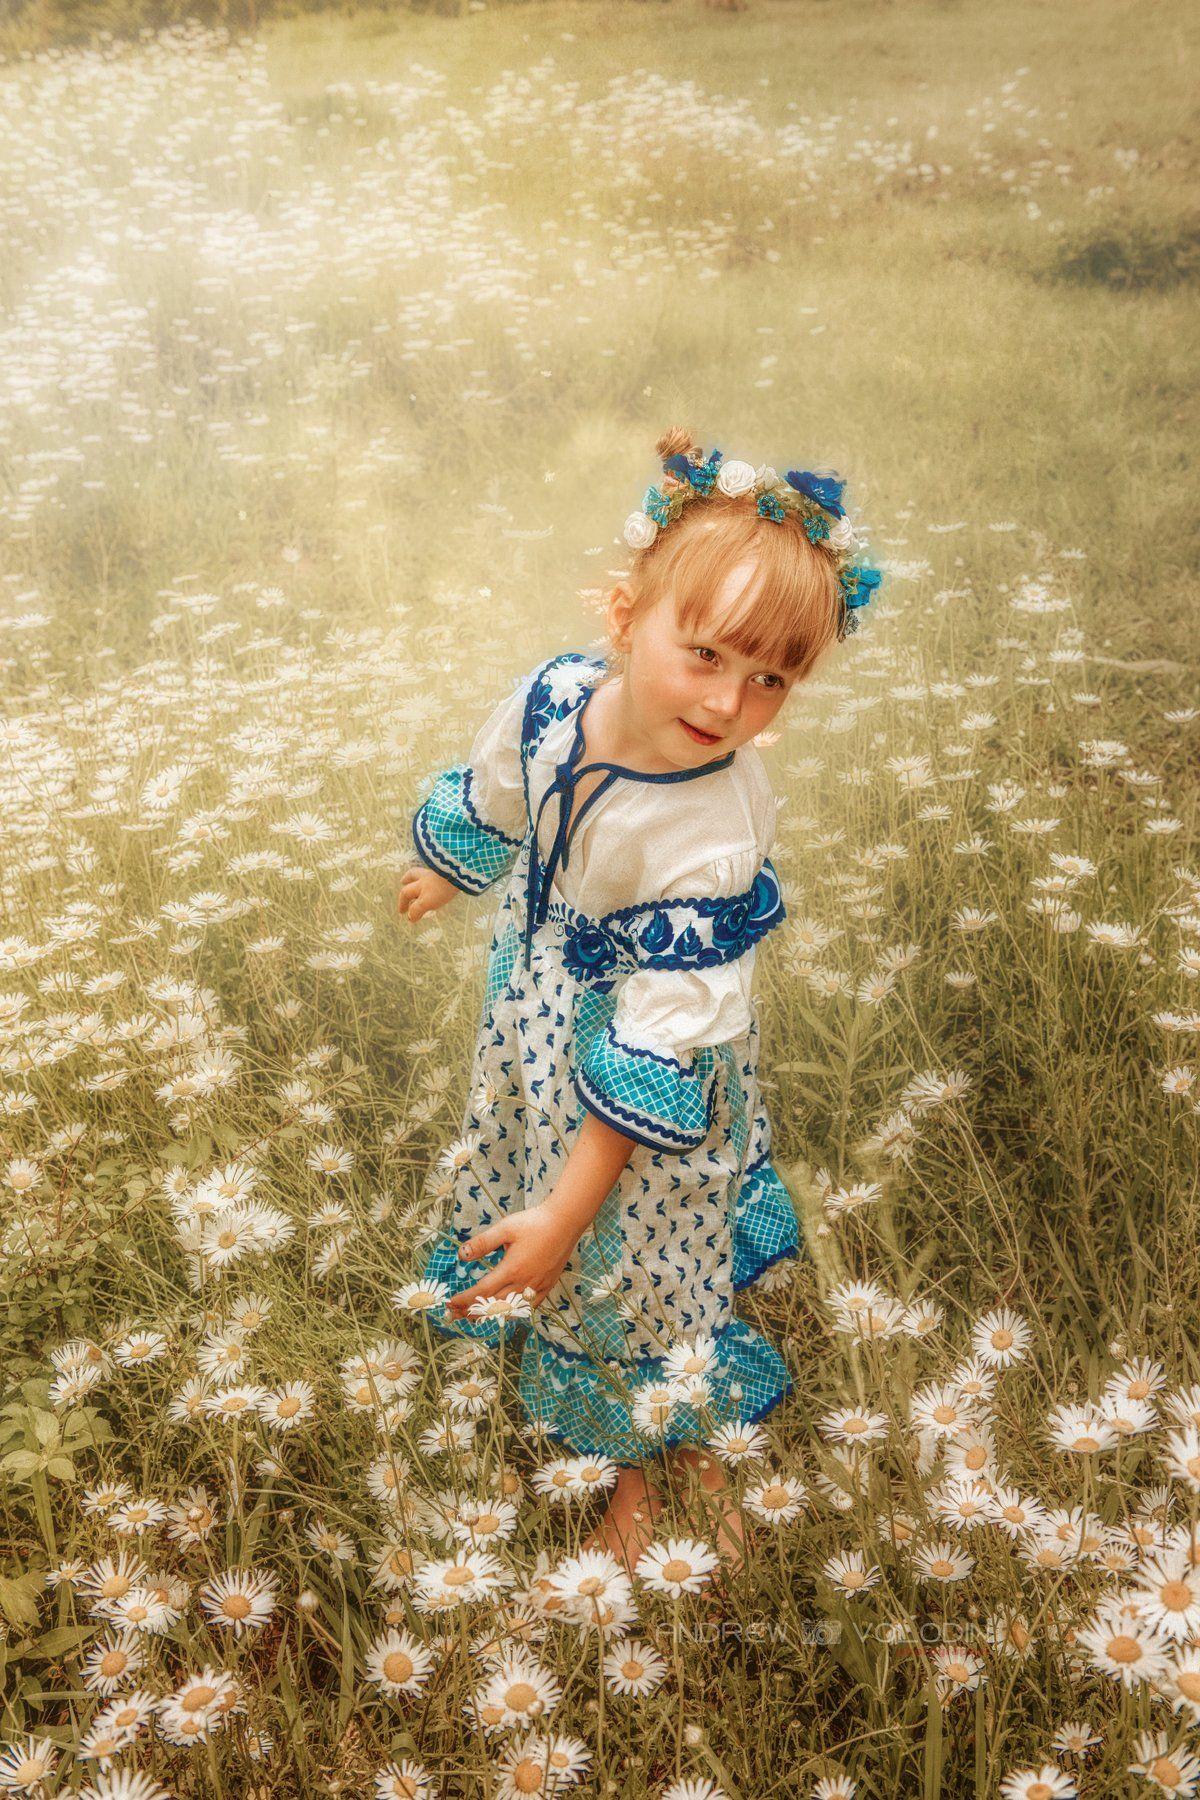 девочка ребенок платье славянка ромашки поле лето солнце, Андрей Володин